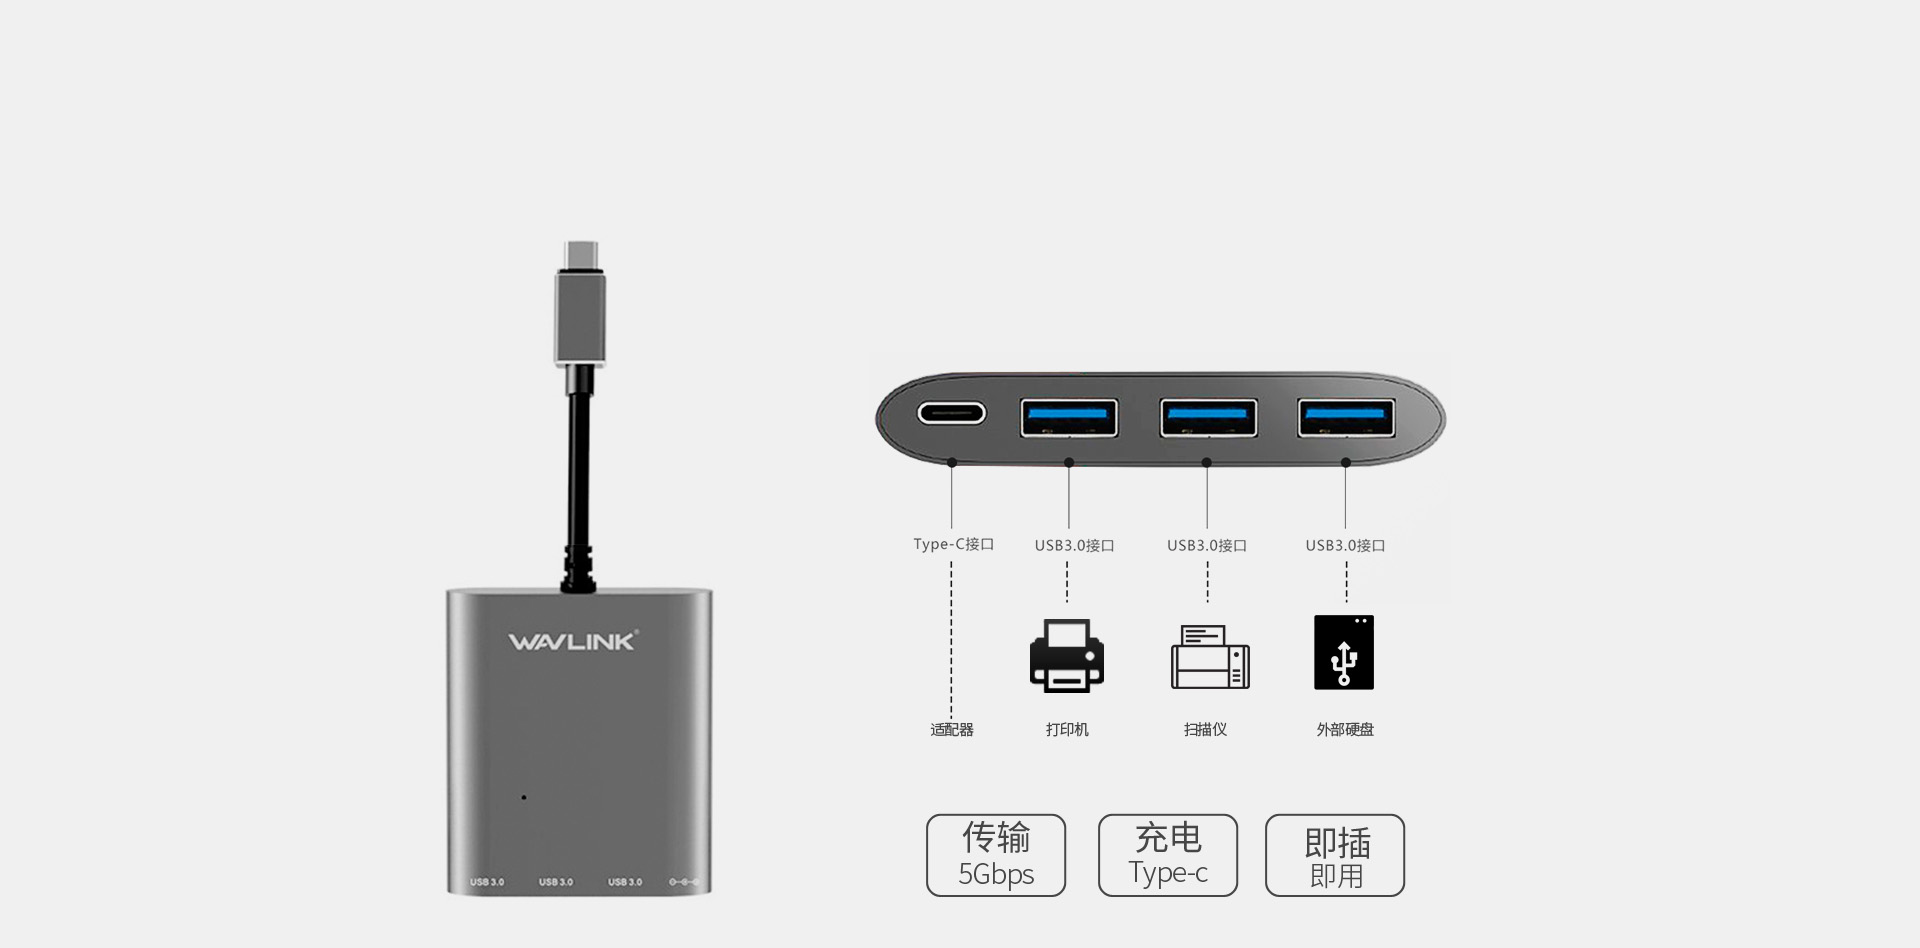 USB3.0接口提供高达5Gbps传输速率